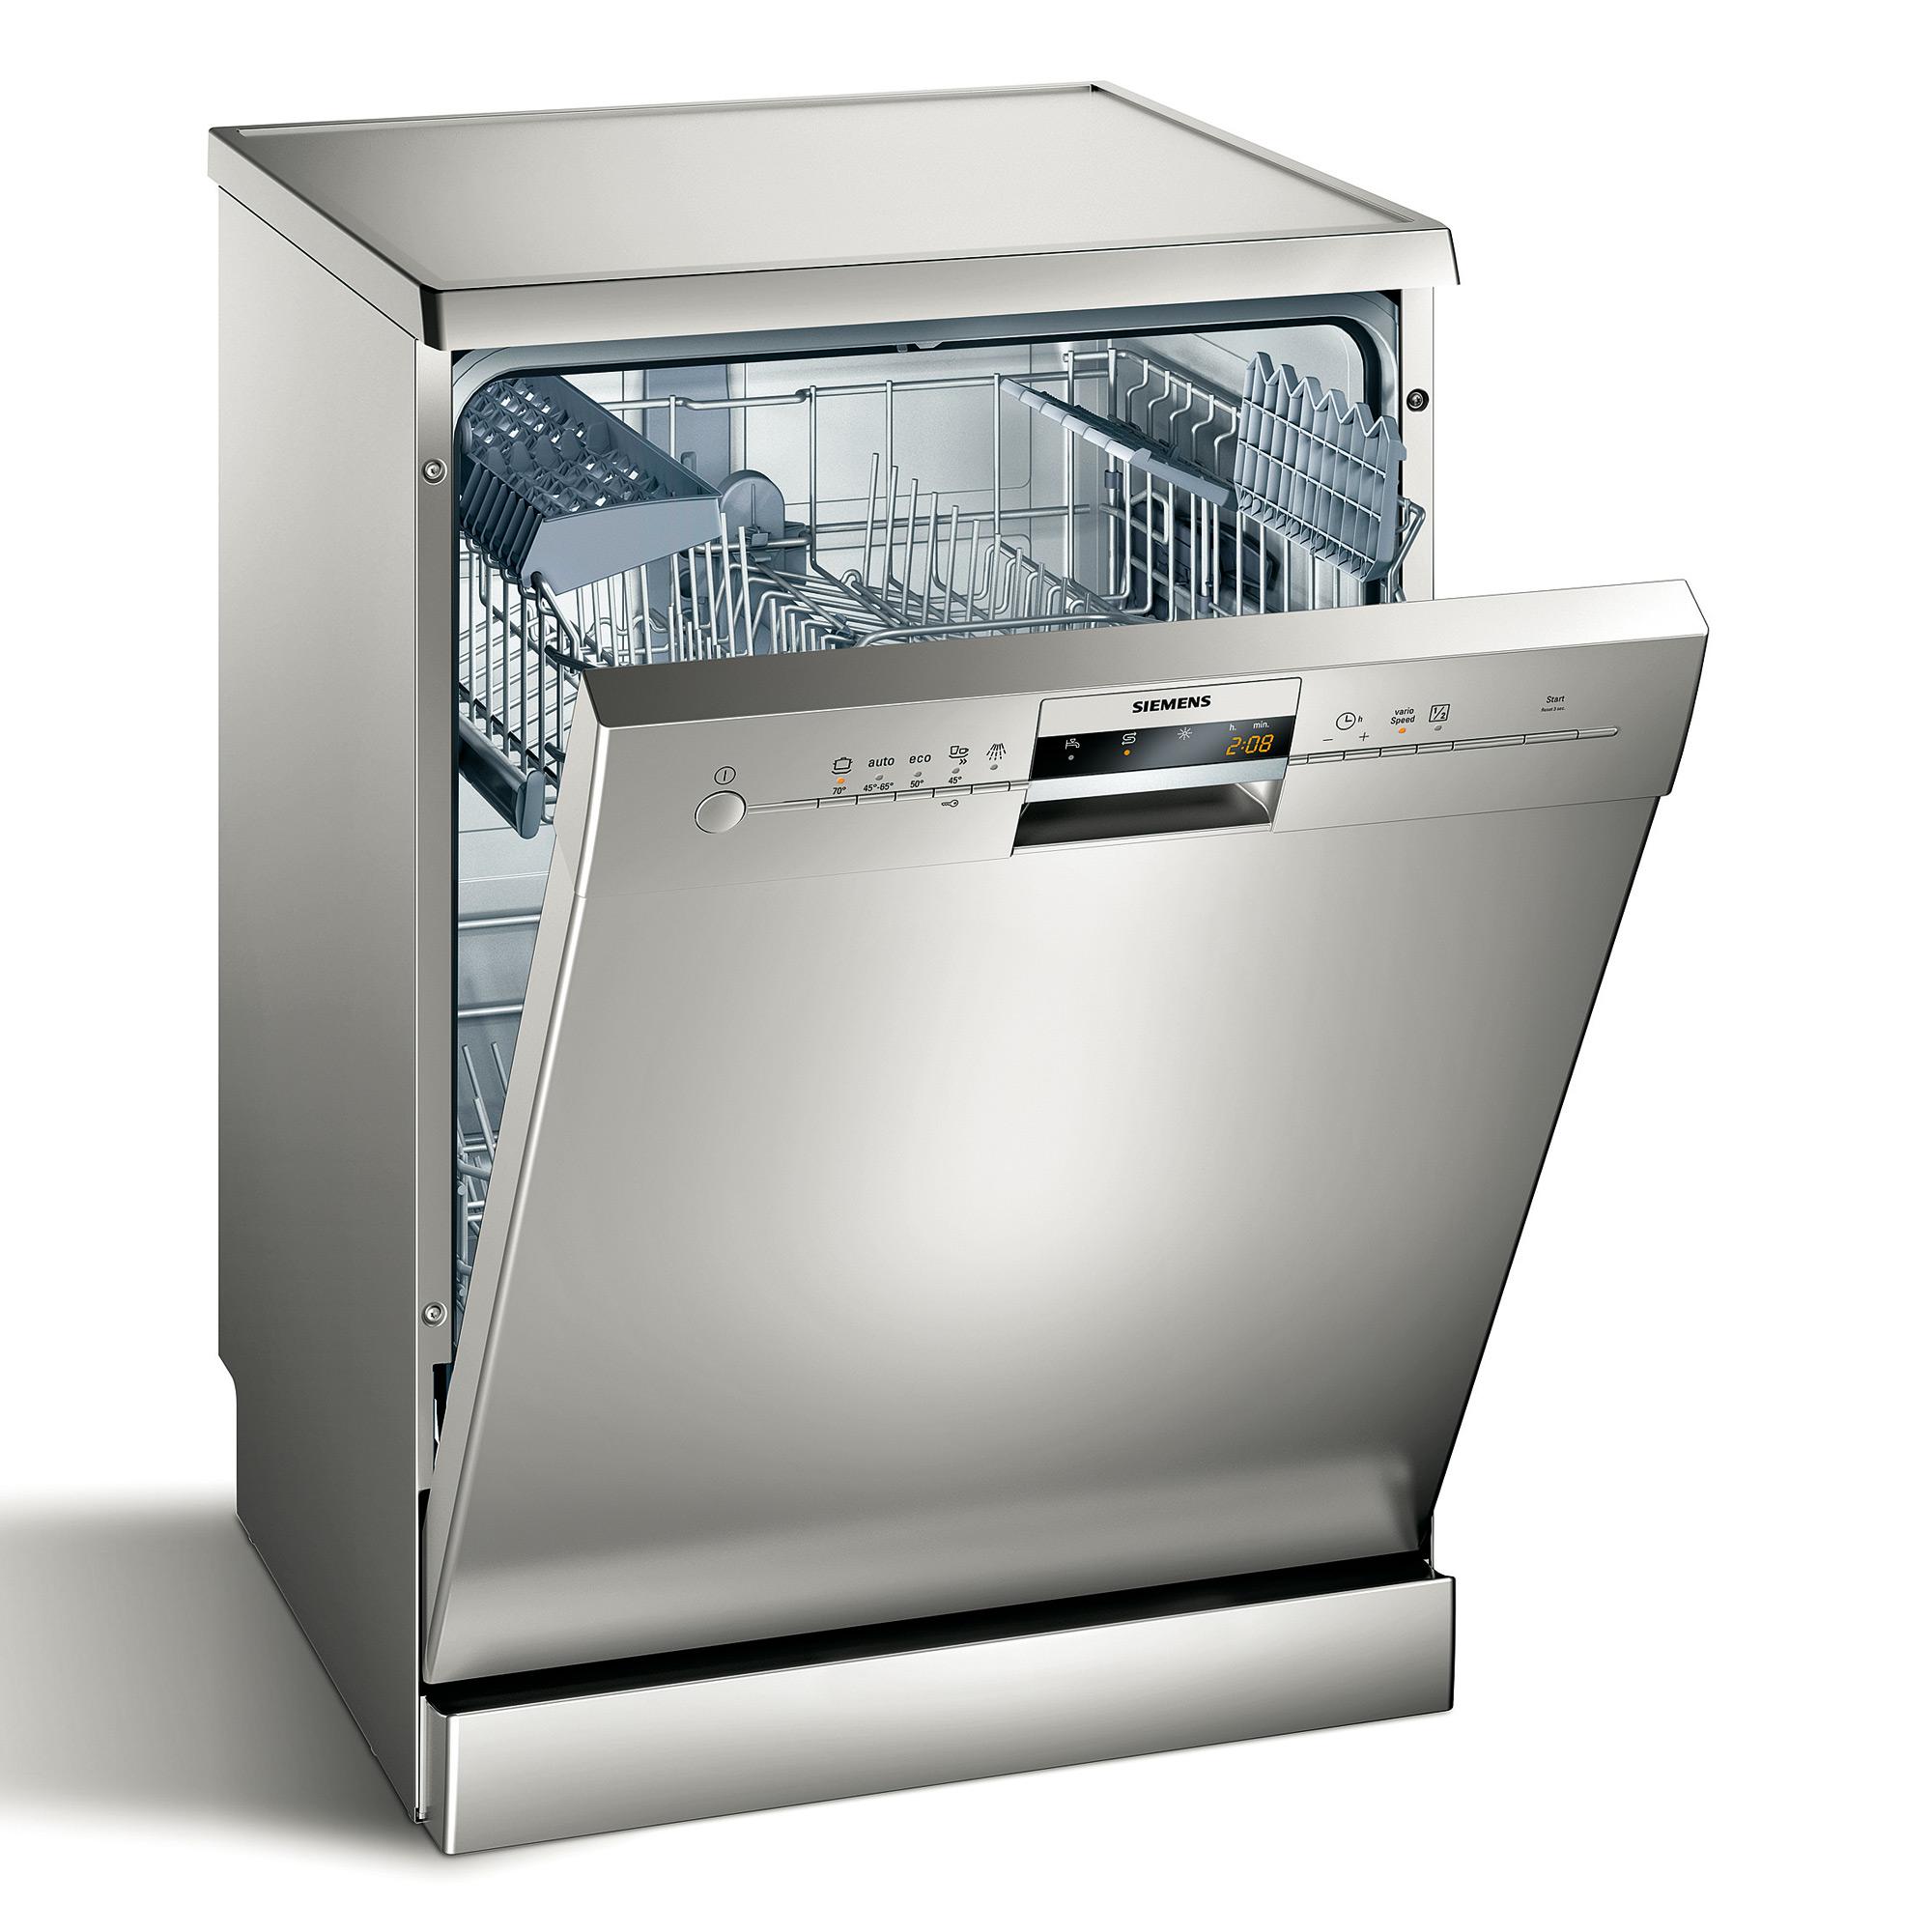 Lave vaisselle pose libre 60 cm sn25m837eu siemens - Rallonge arrivee d eau lave vaisselle ...